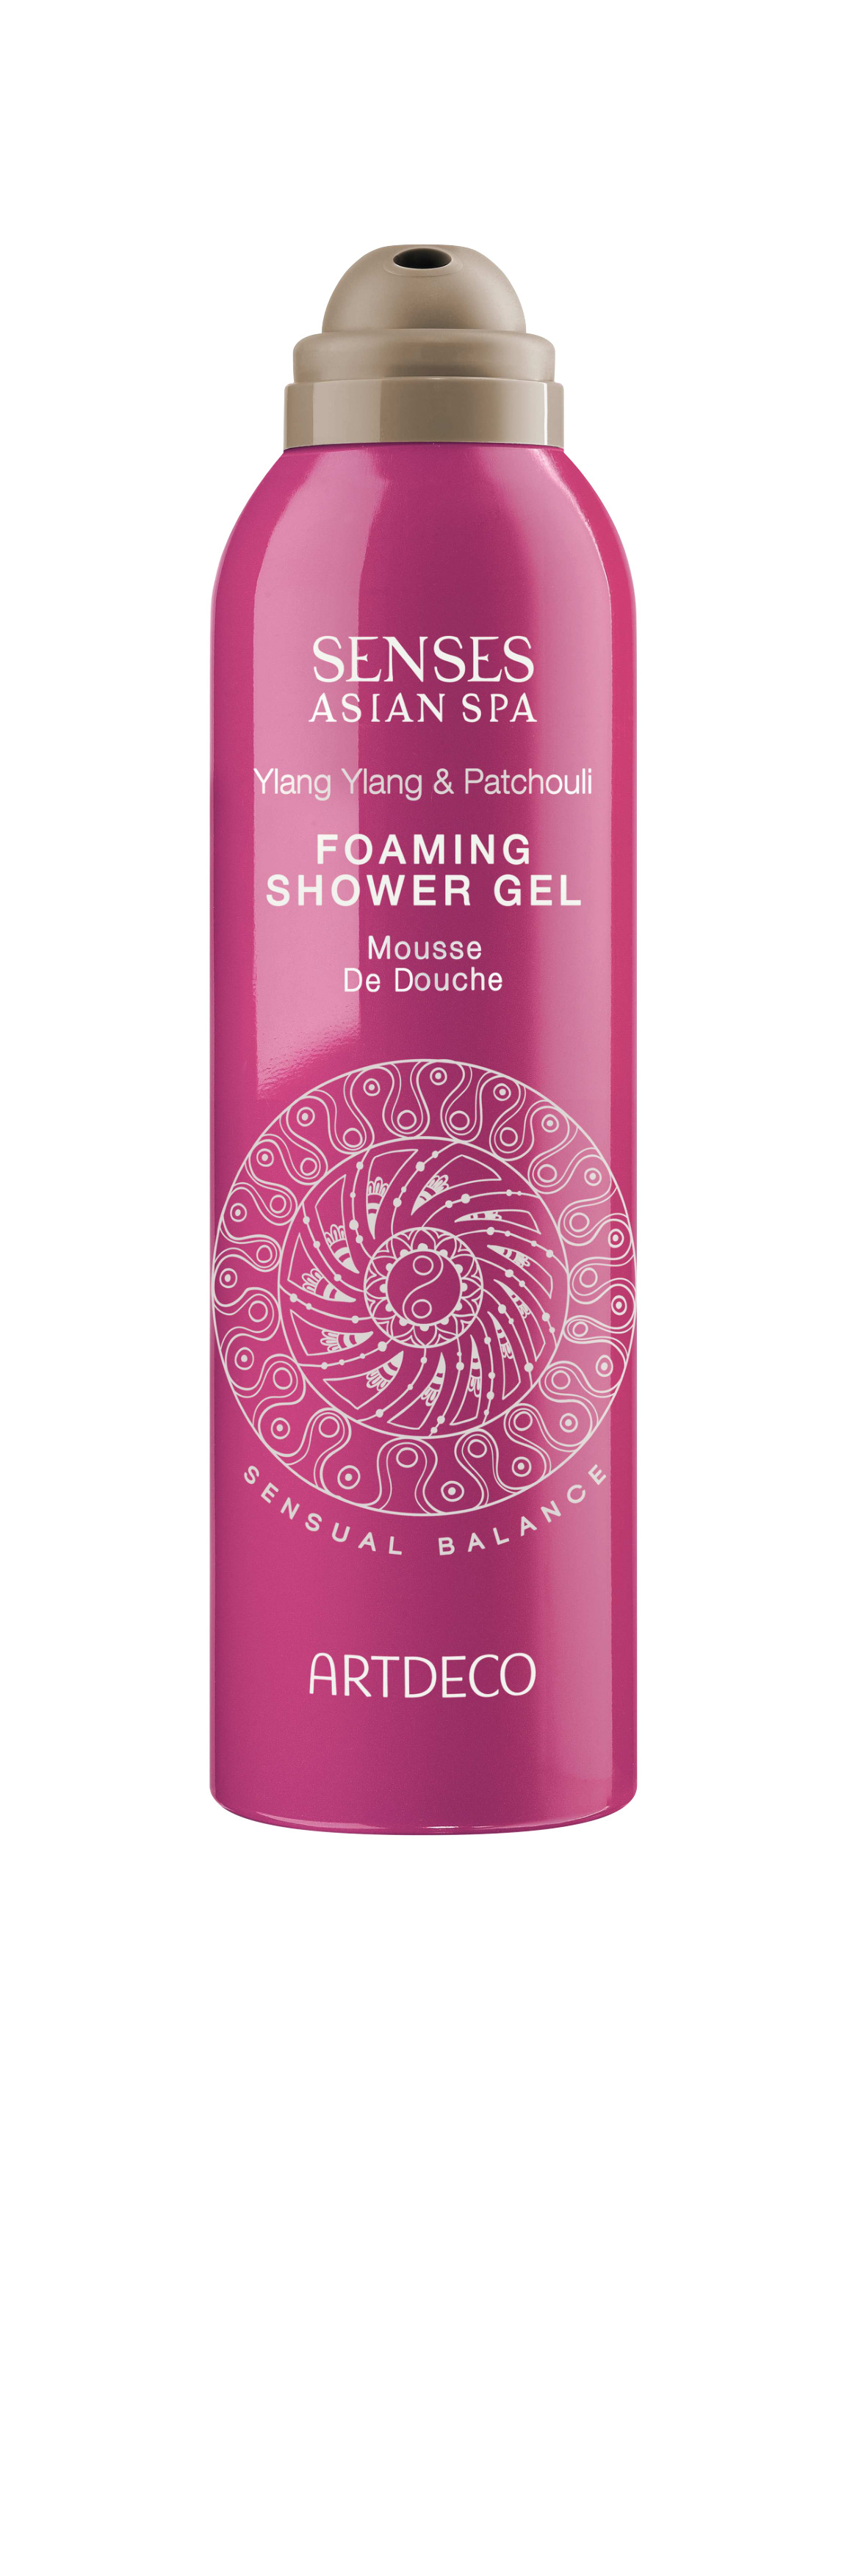 Artdeco гель-пена для душа Foaming shower gel, sensual balance, 200 мл086-07-35759Нежно очищает, увлажняет, питает и восстанавливает кожуПри контакте с водой превращается в воздушную пену